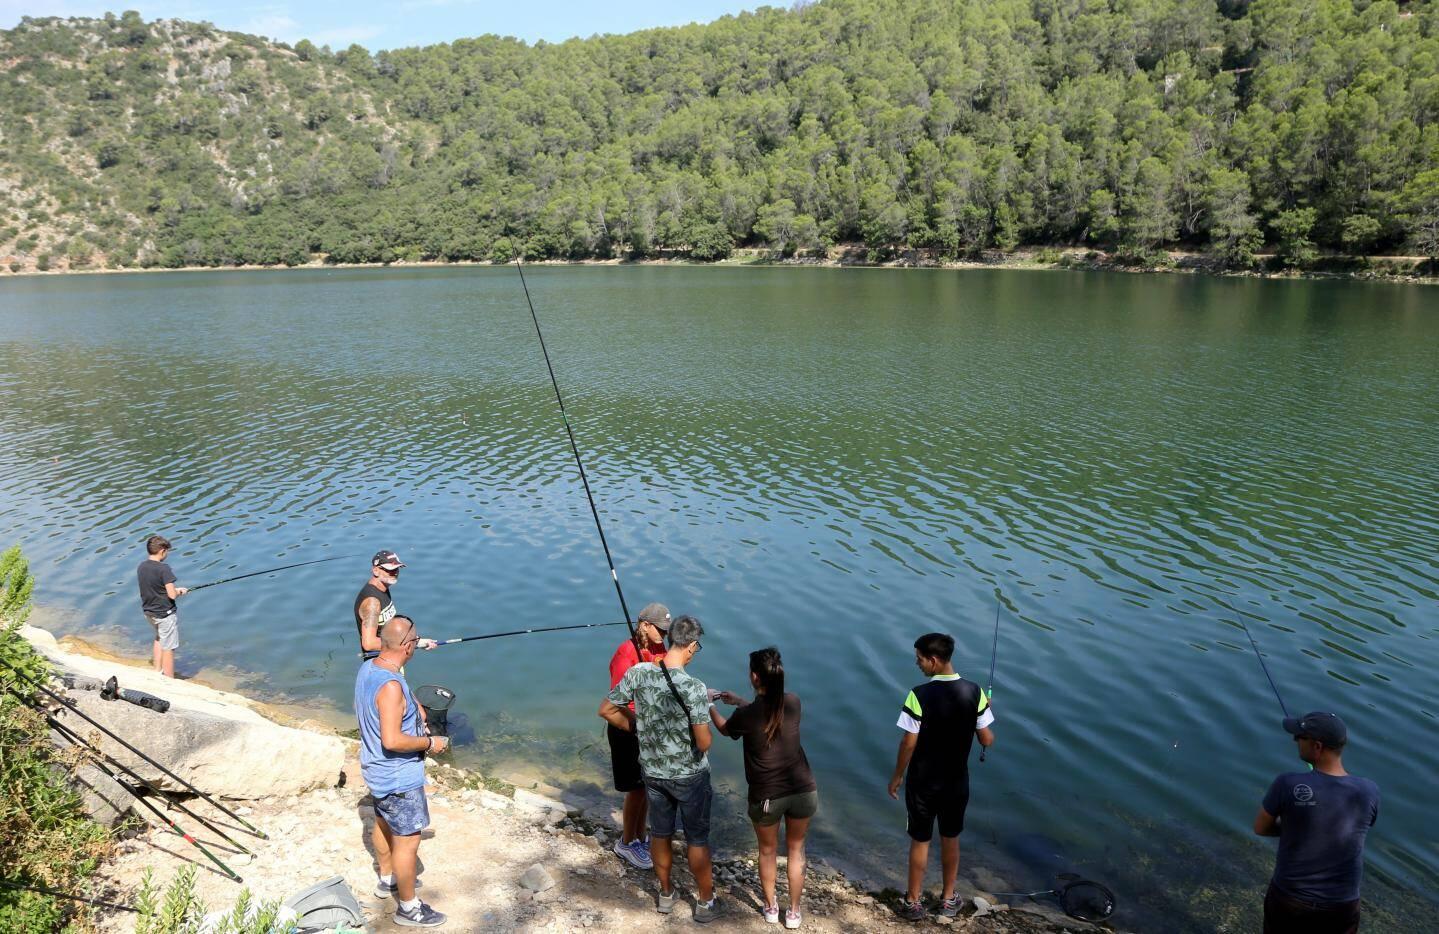 L'accueil de la maison pêche-nature de la Provence verte.